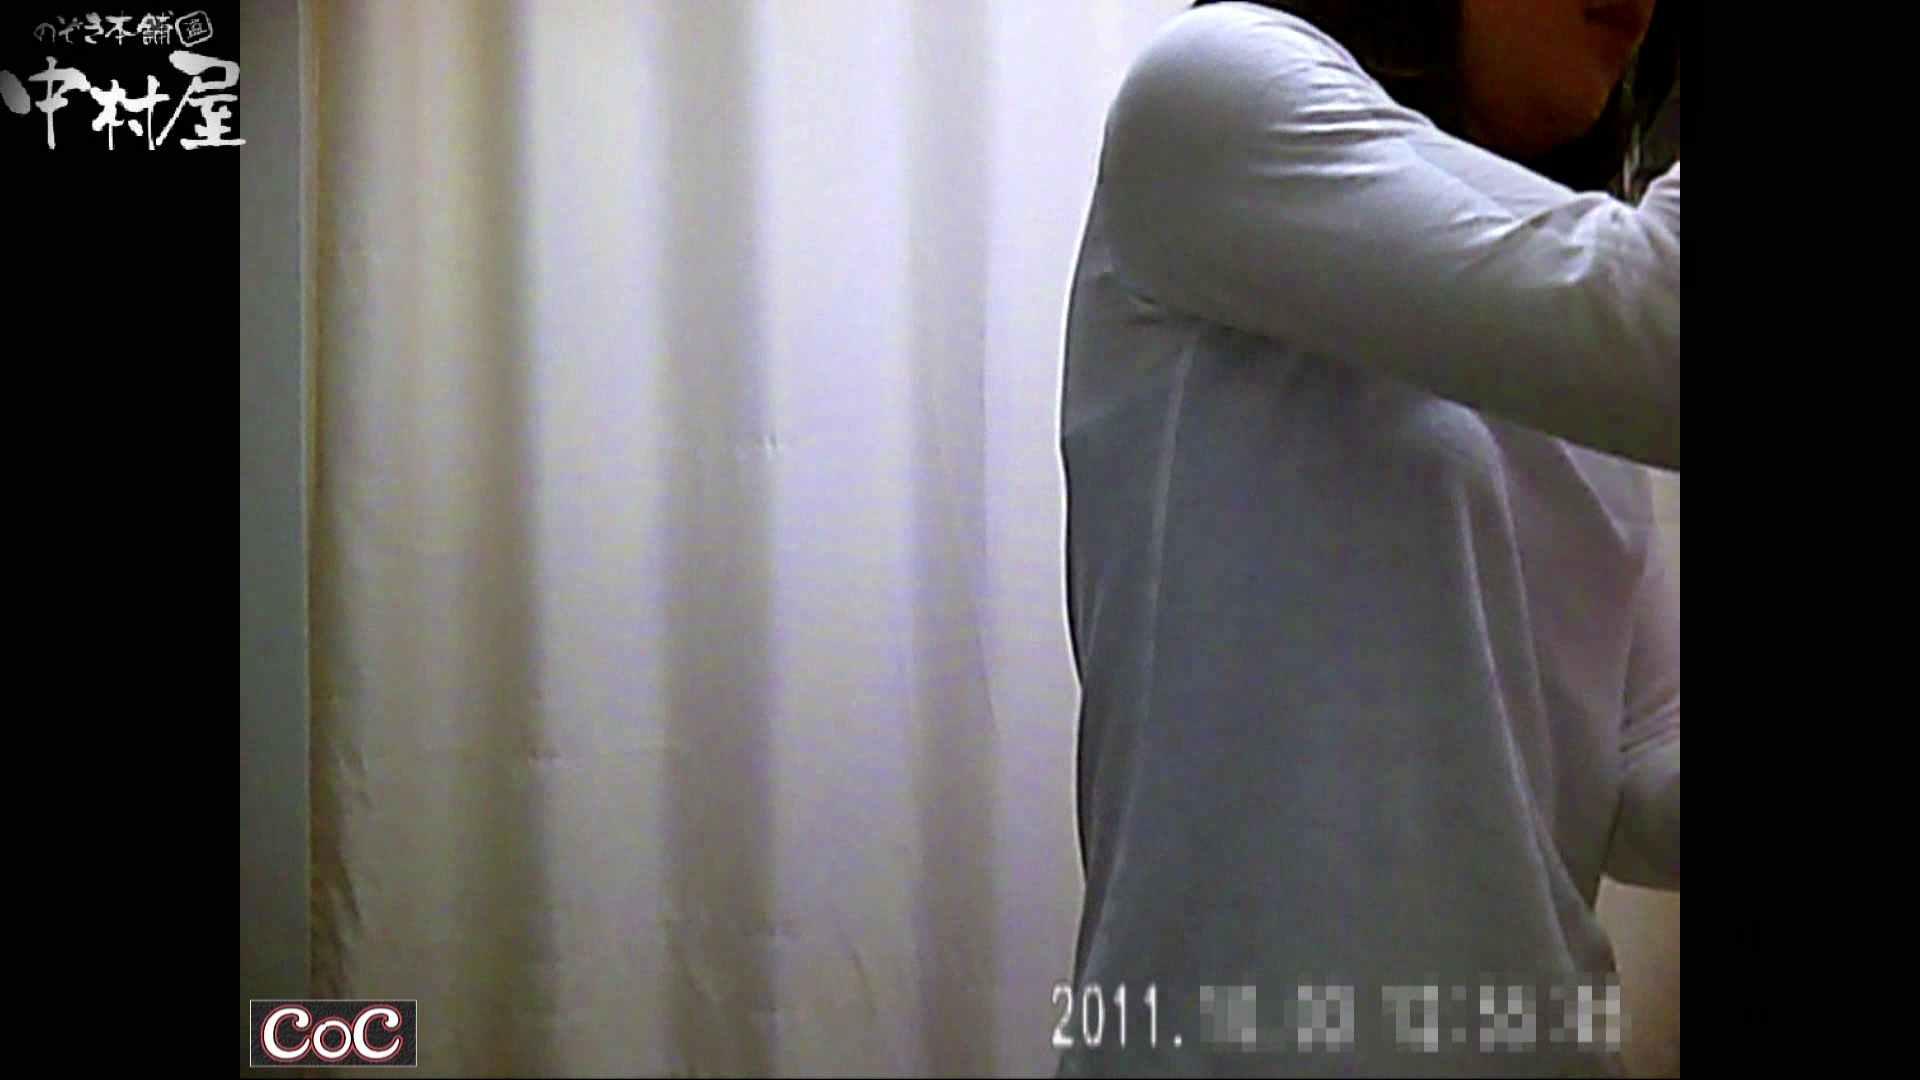 激ヤバ健康診断!着替えの一部始終.vol.48※本編ボカシ・目線無し 着替え 盗み撮りAV無料動画キャプチャ 77画像 28